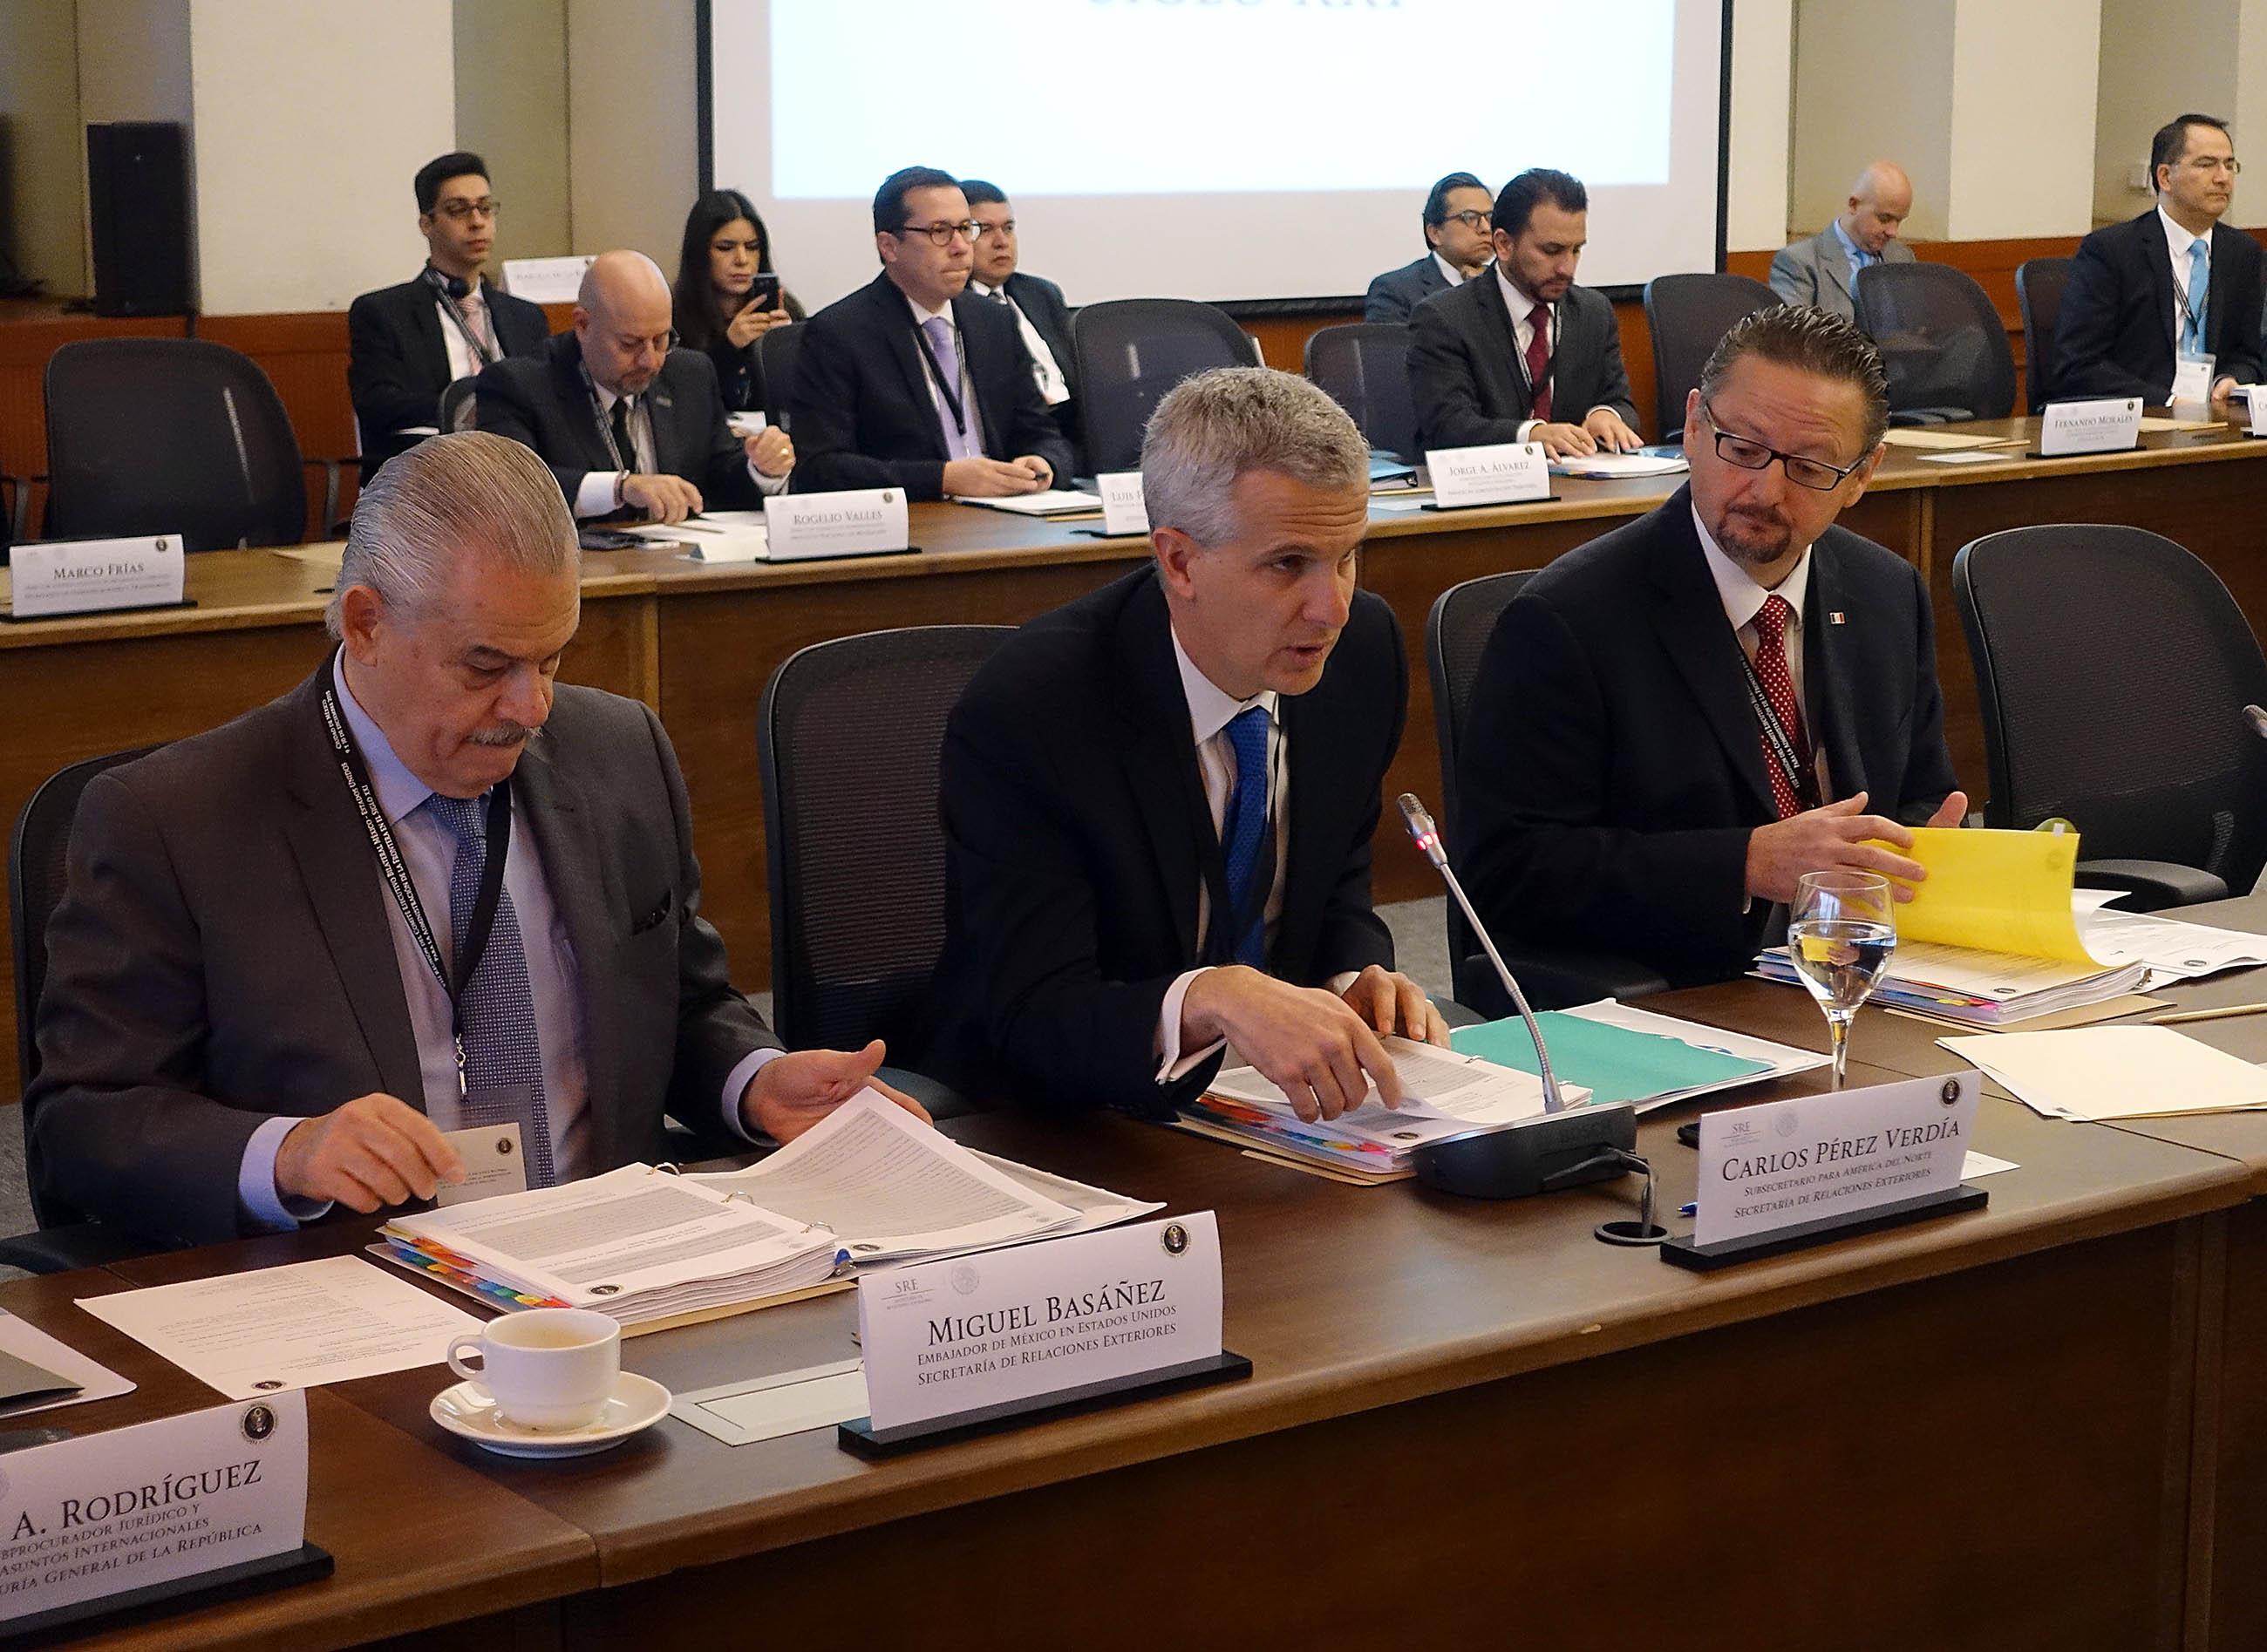 FOTO 2 Reuni n del Comit  Ejecutivo Bilateral de la Iniciativa para la Administraci n de la Frontera en el Siglo XXI.jpg